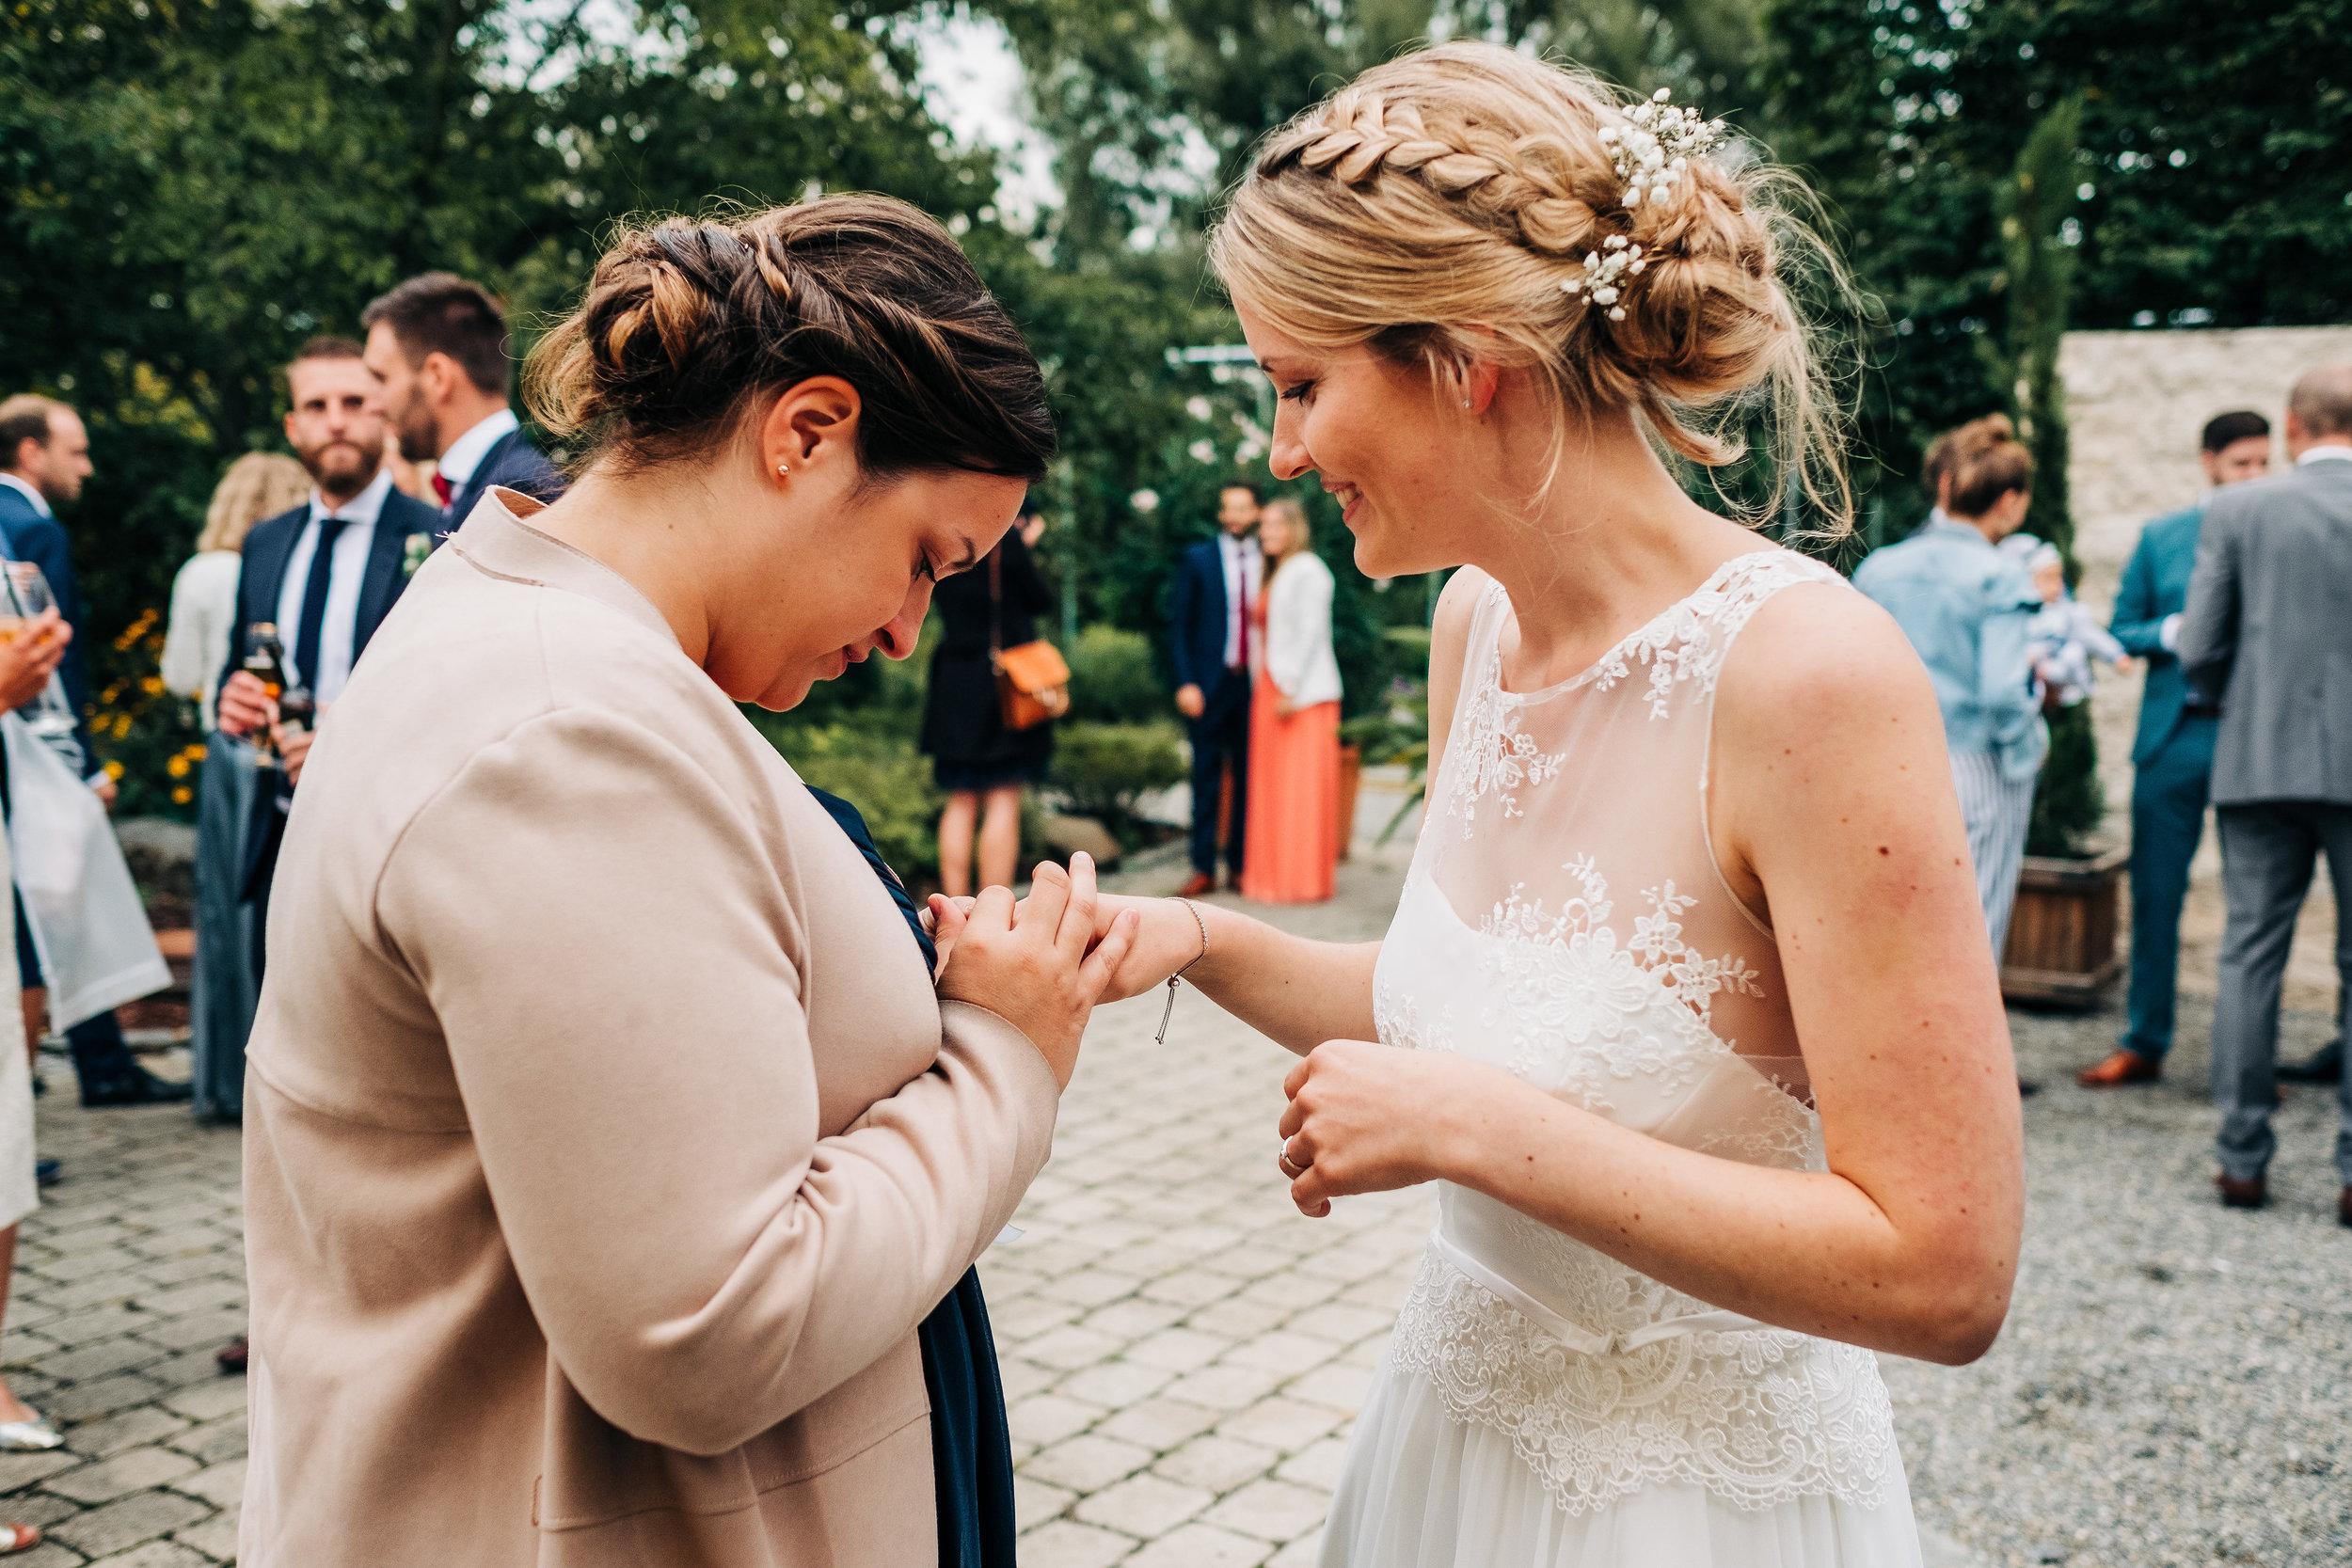 Anna-Hari-Photography-Hochzeitsfotografie-U&H-1001.jpg